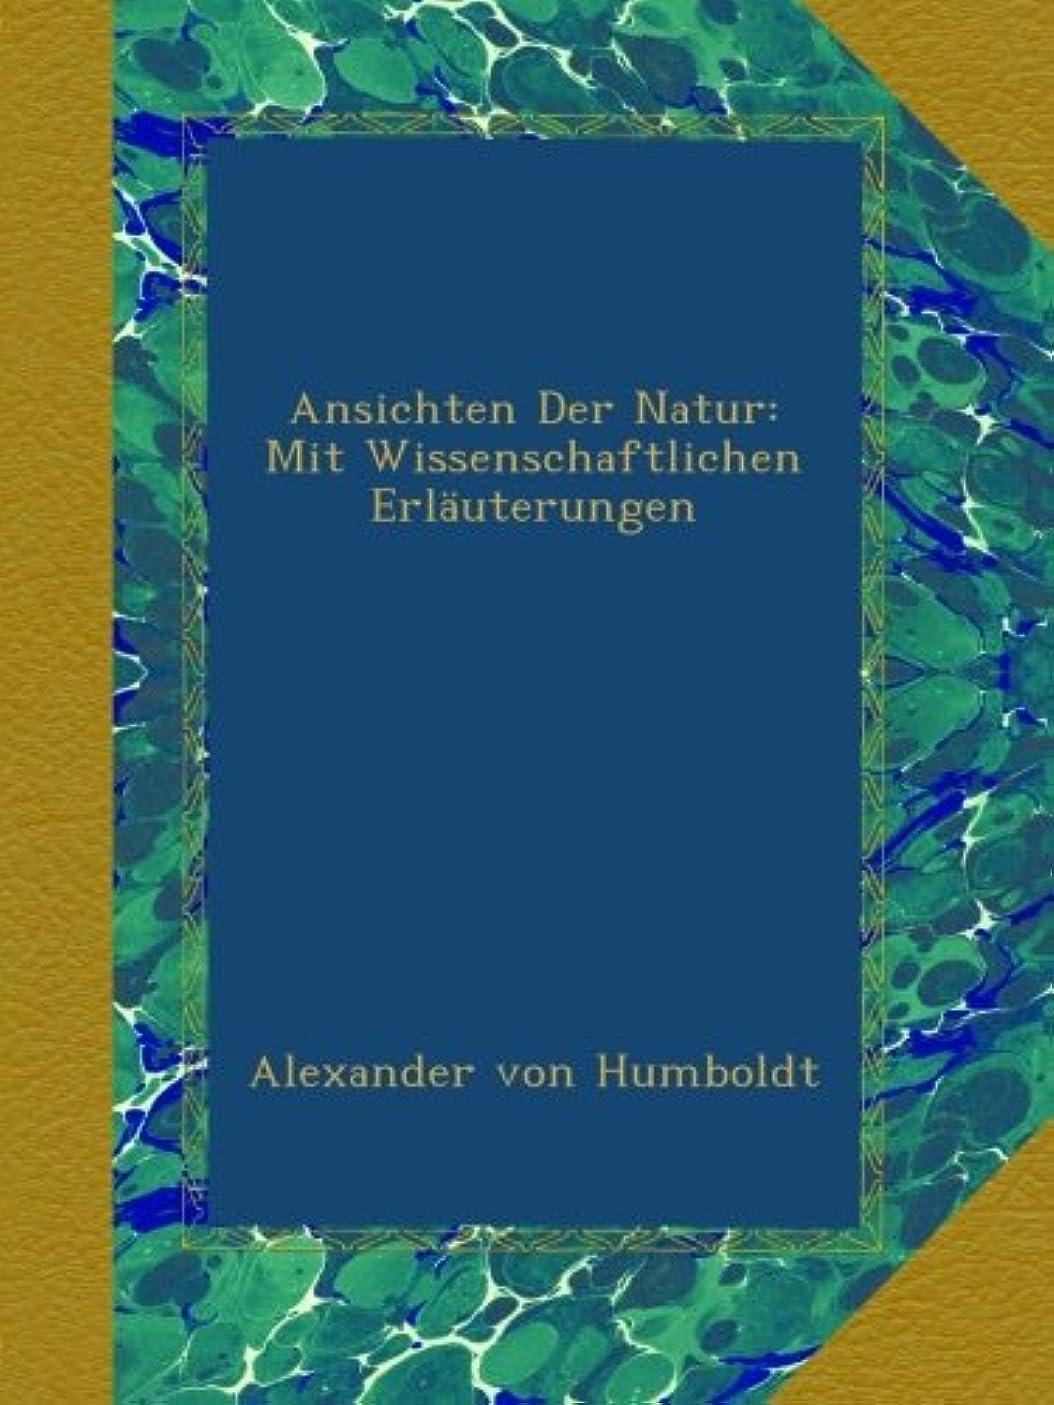 洗練囚人地質学Ansichten Der Natur: Mit Wissenschaftlichen Erlaeuterungen